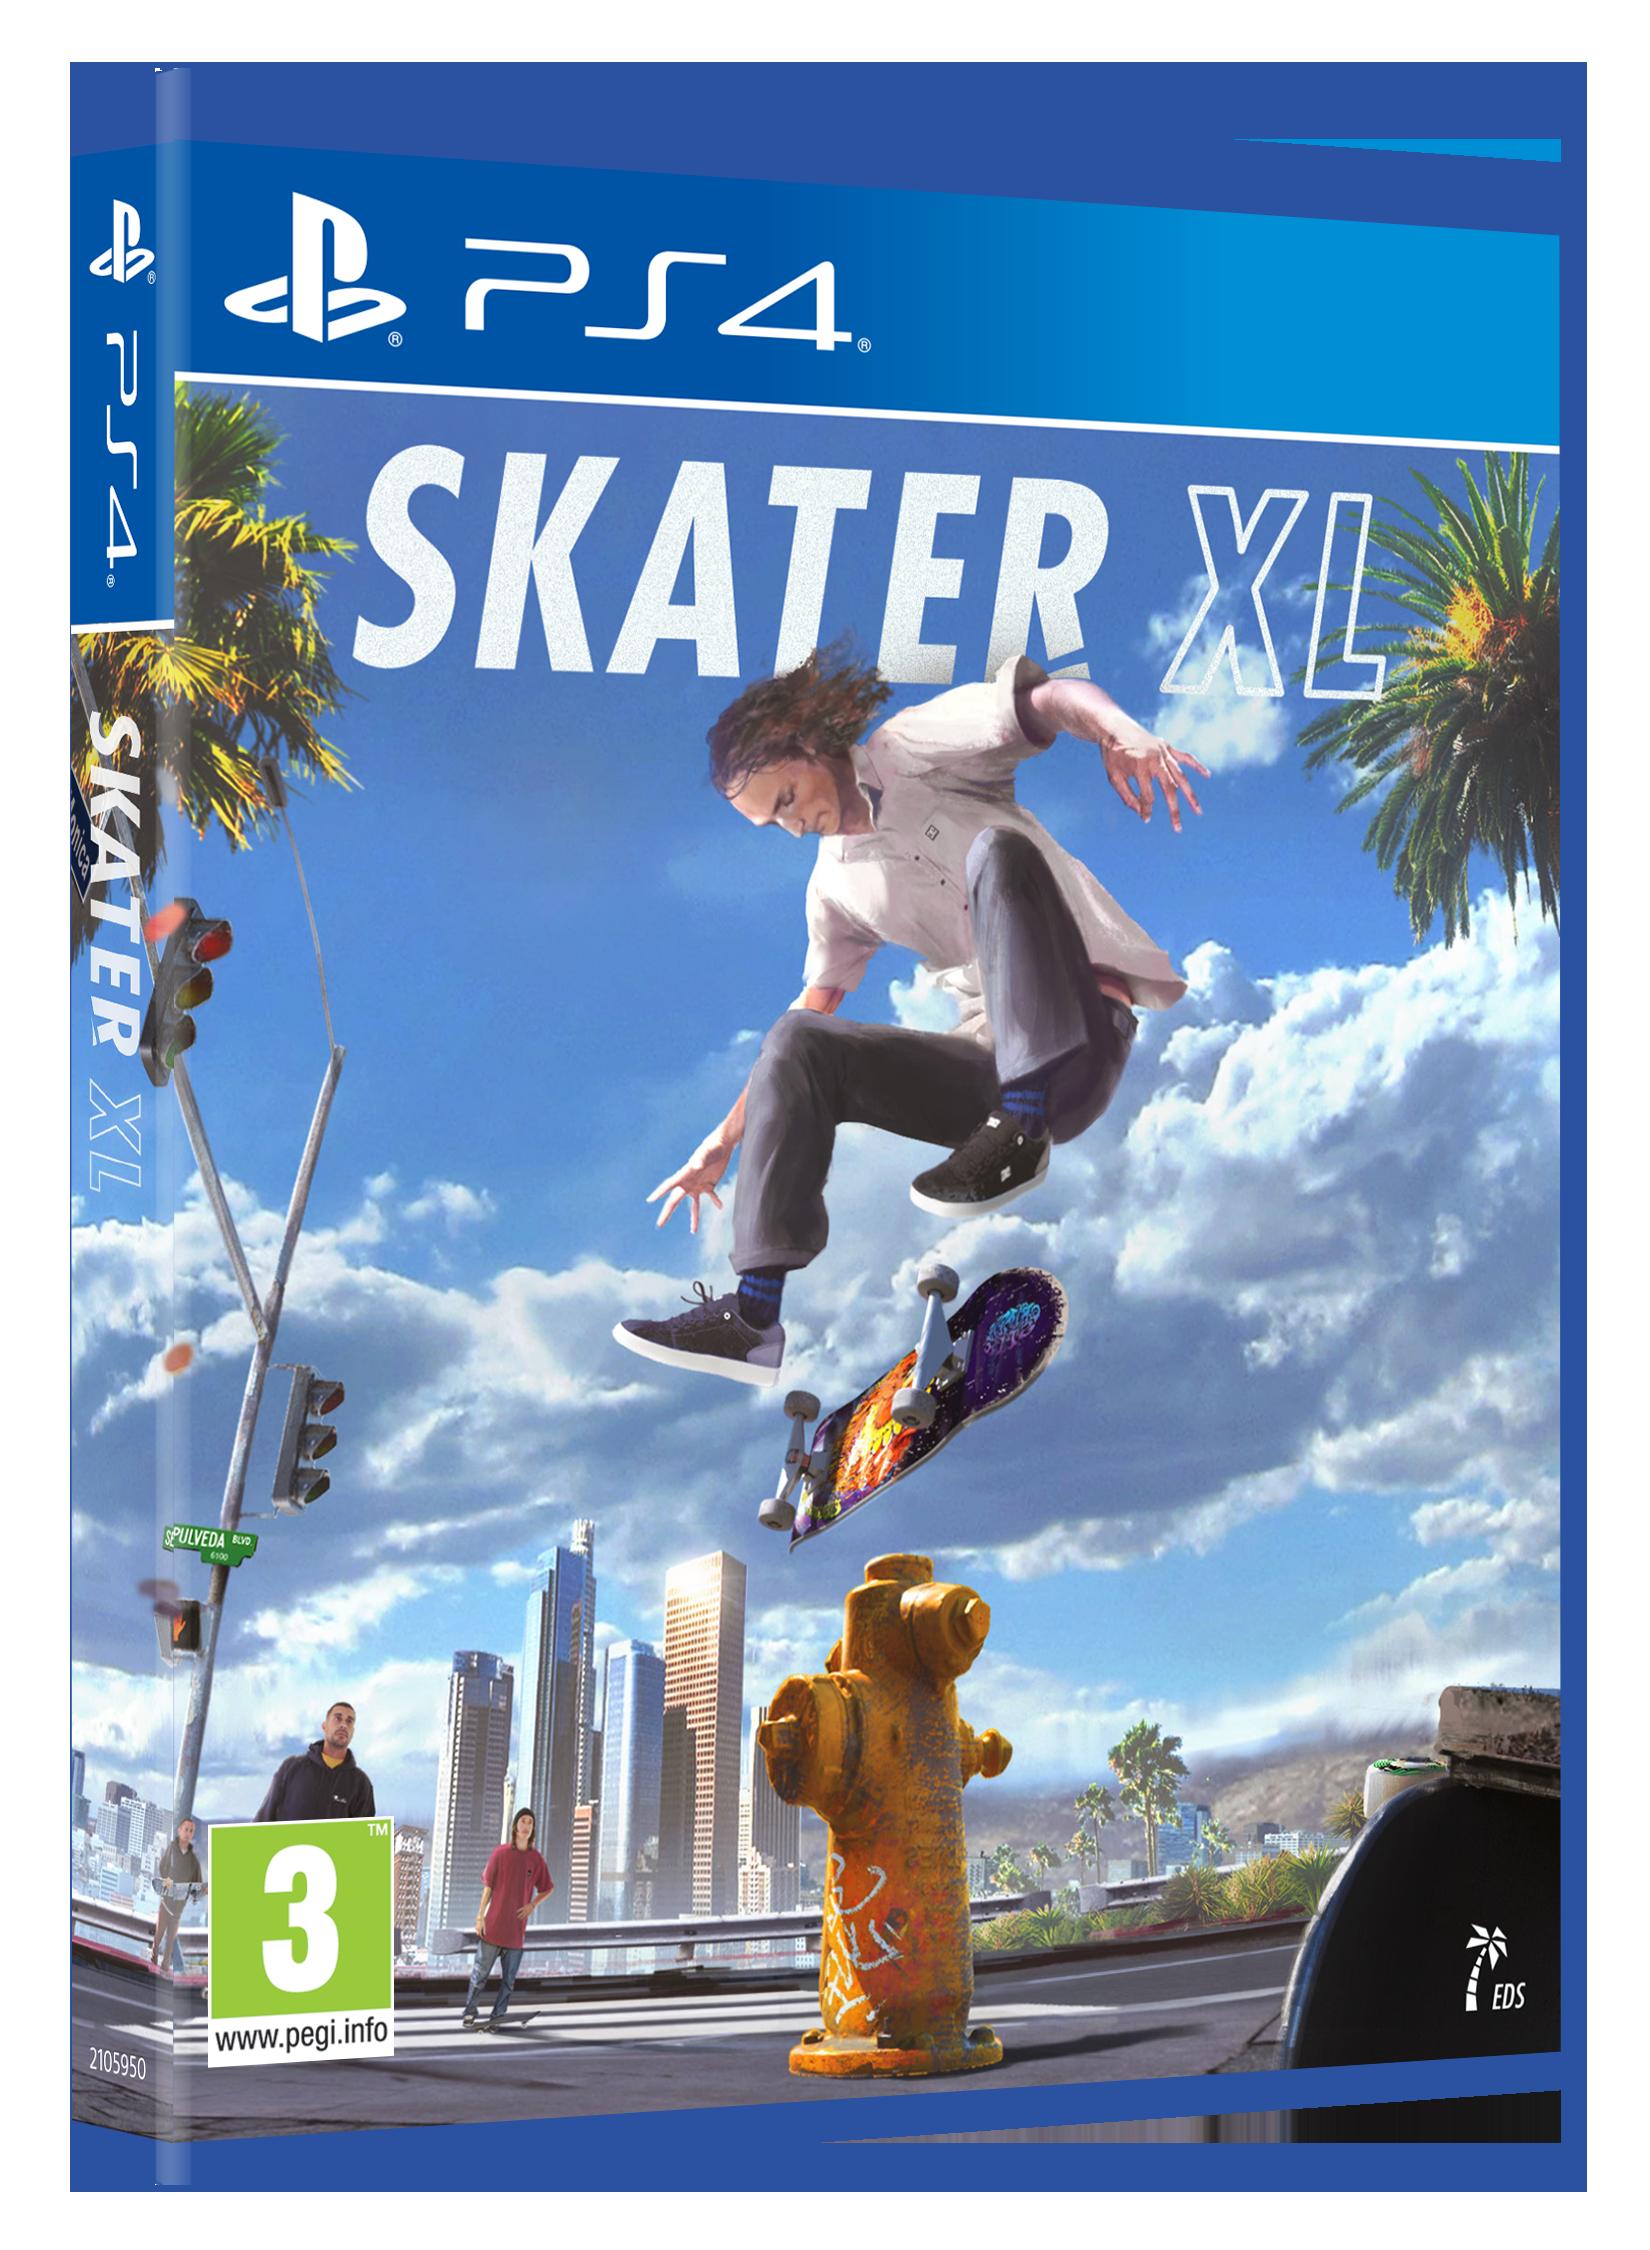 Skater-PS4